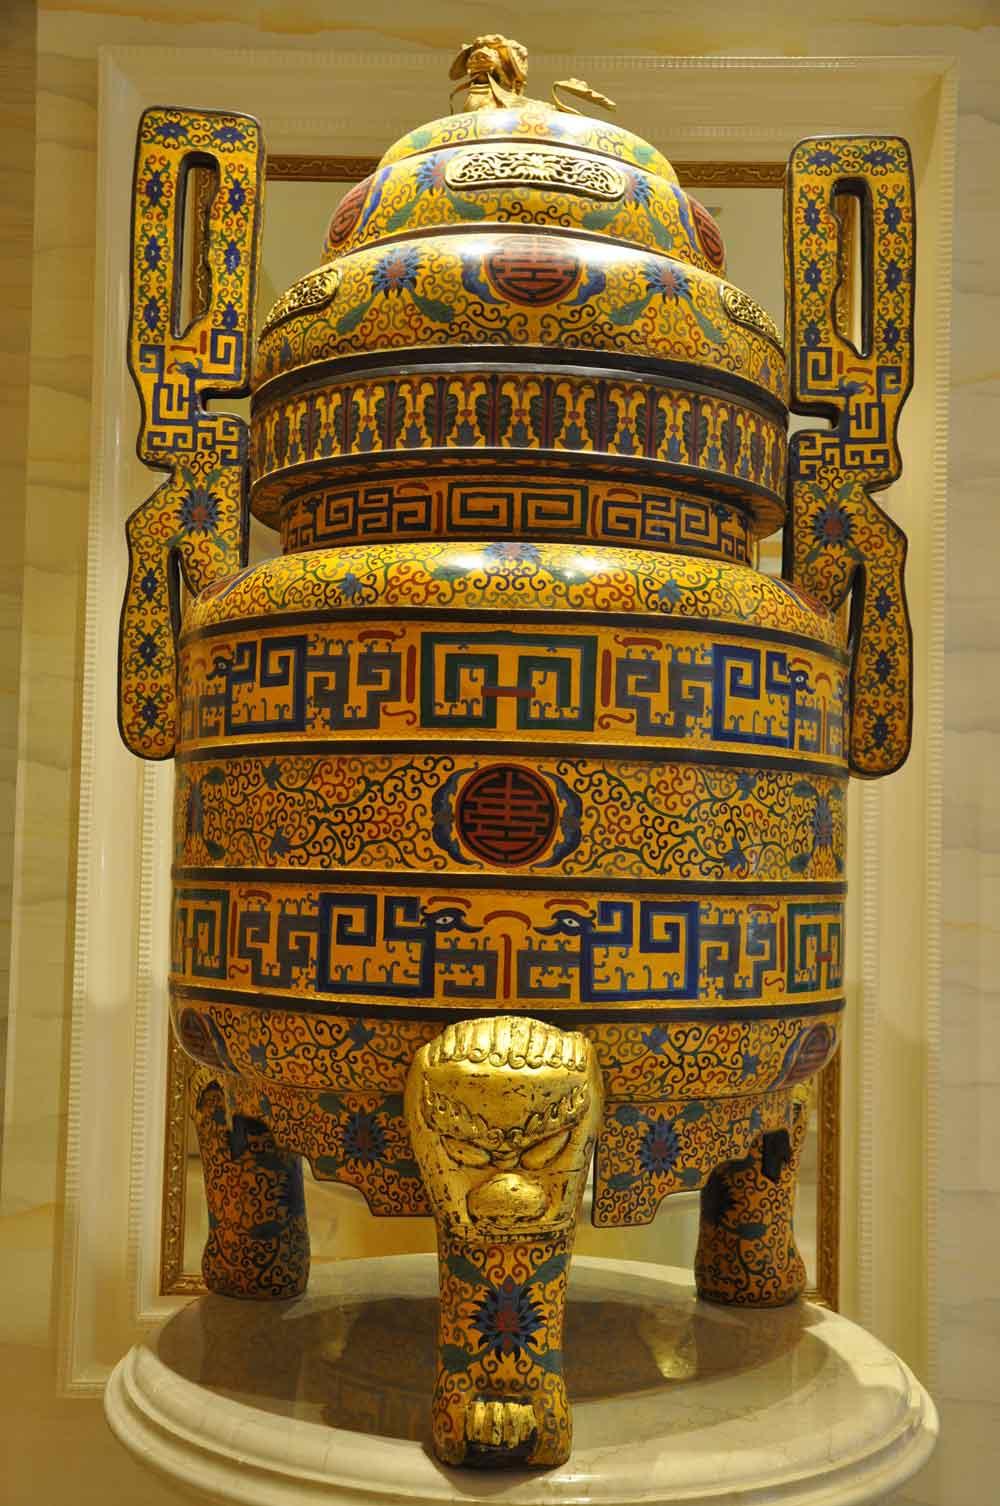 Wynn Macau ceremonial vase